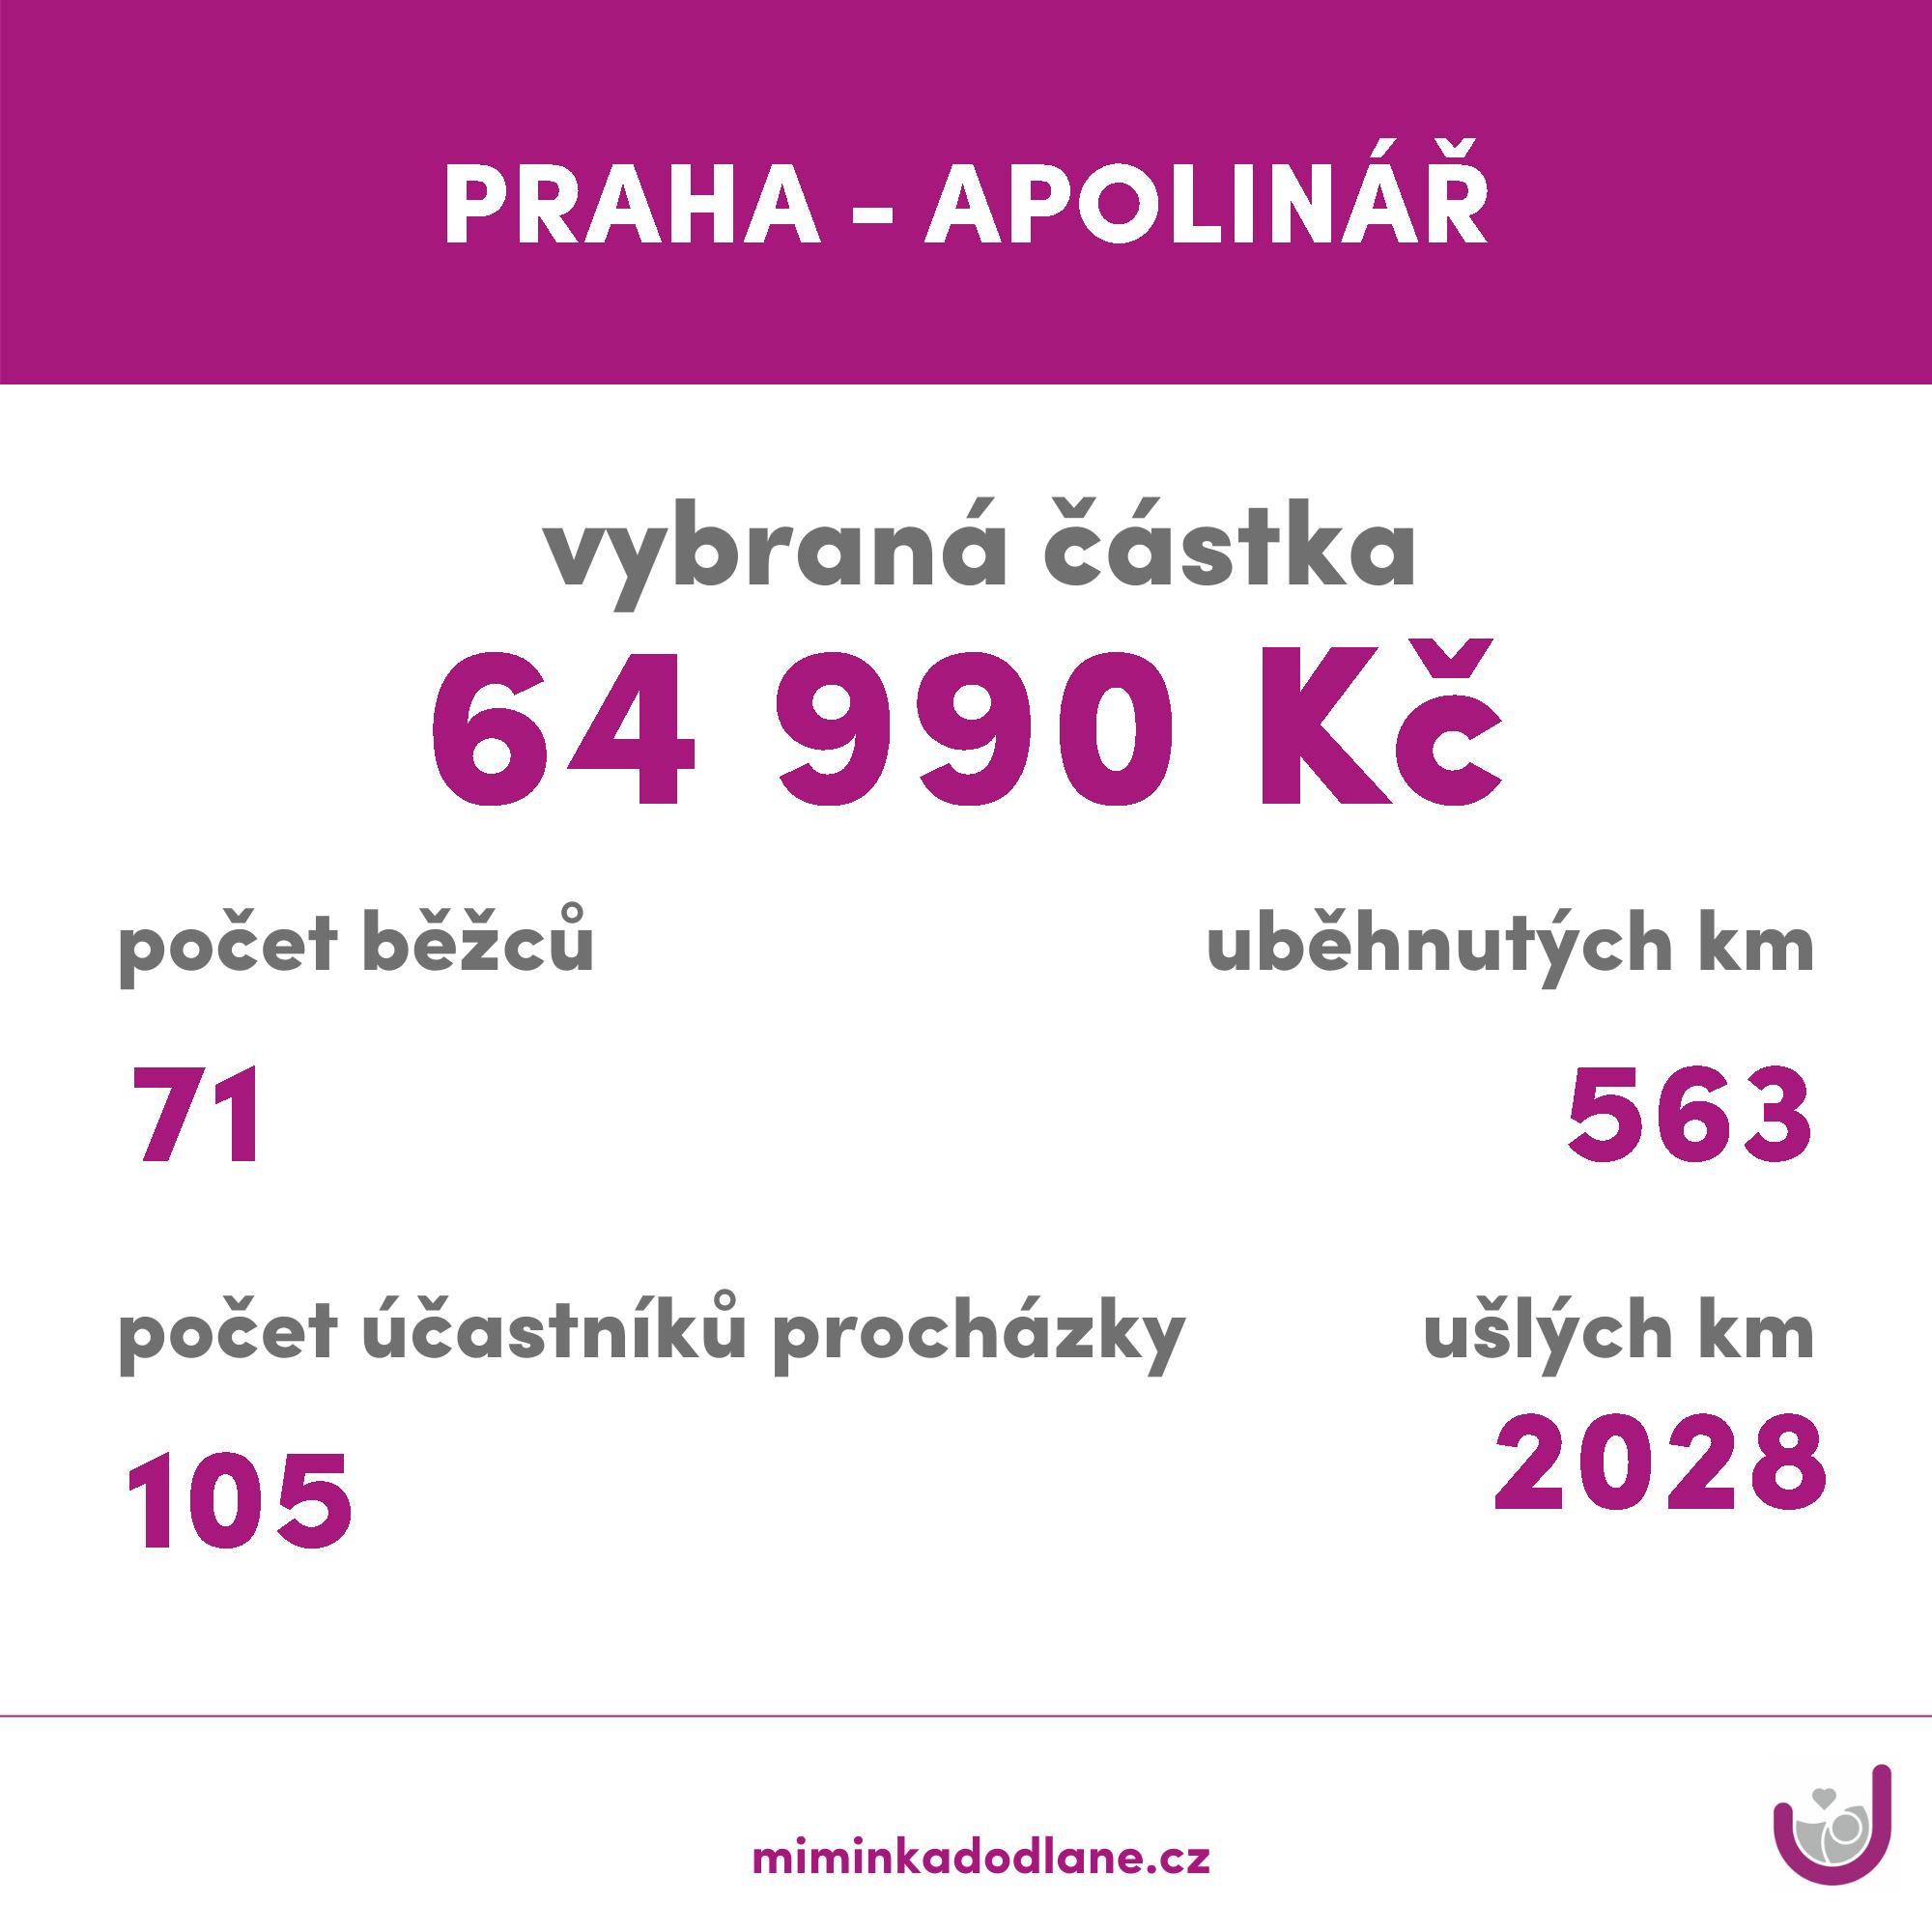 PRAHA - APOLINÁŘ